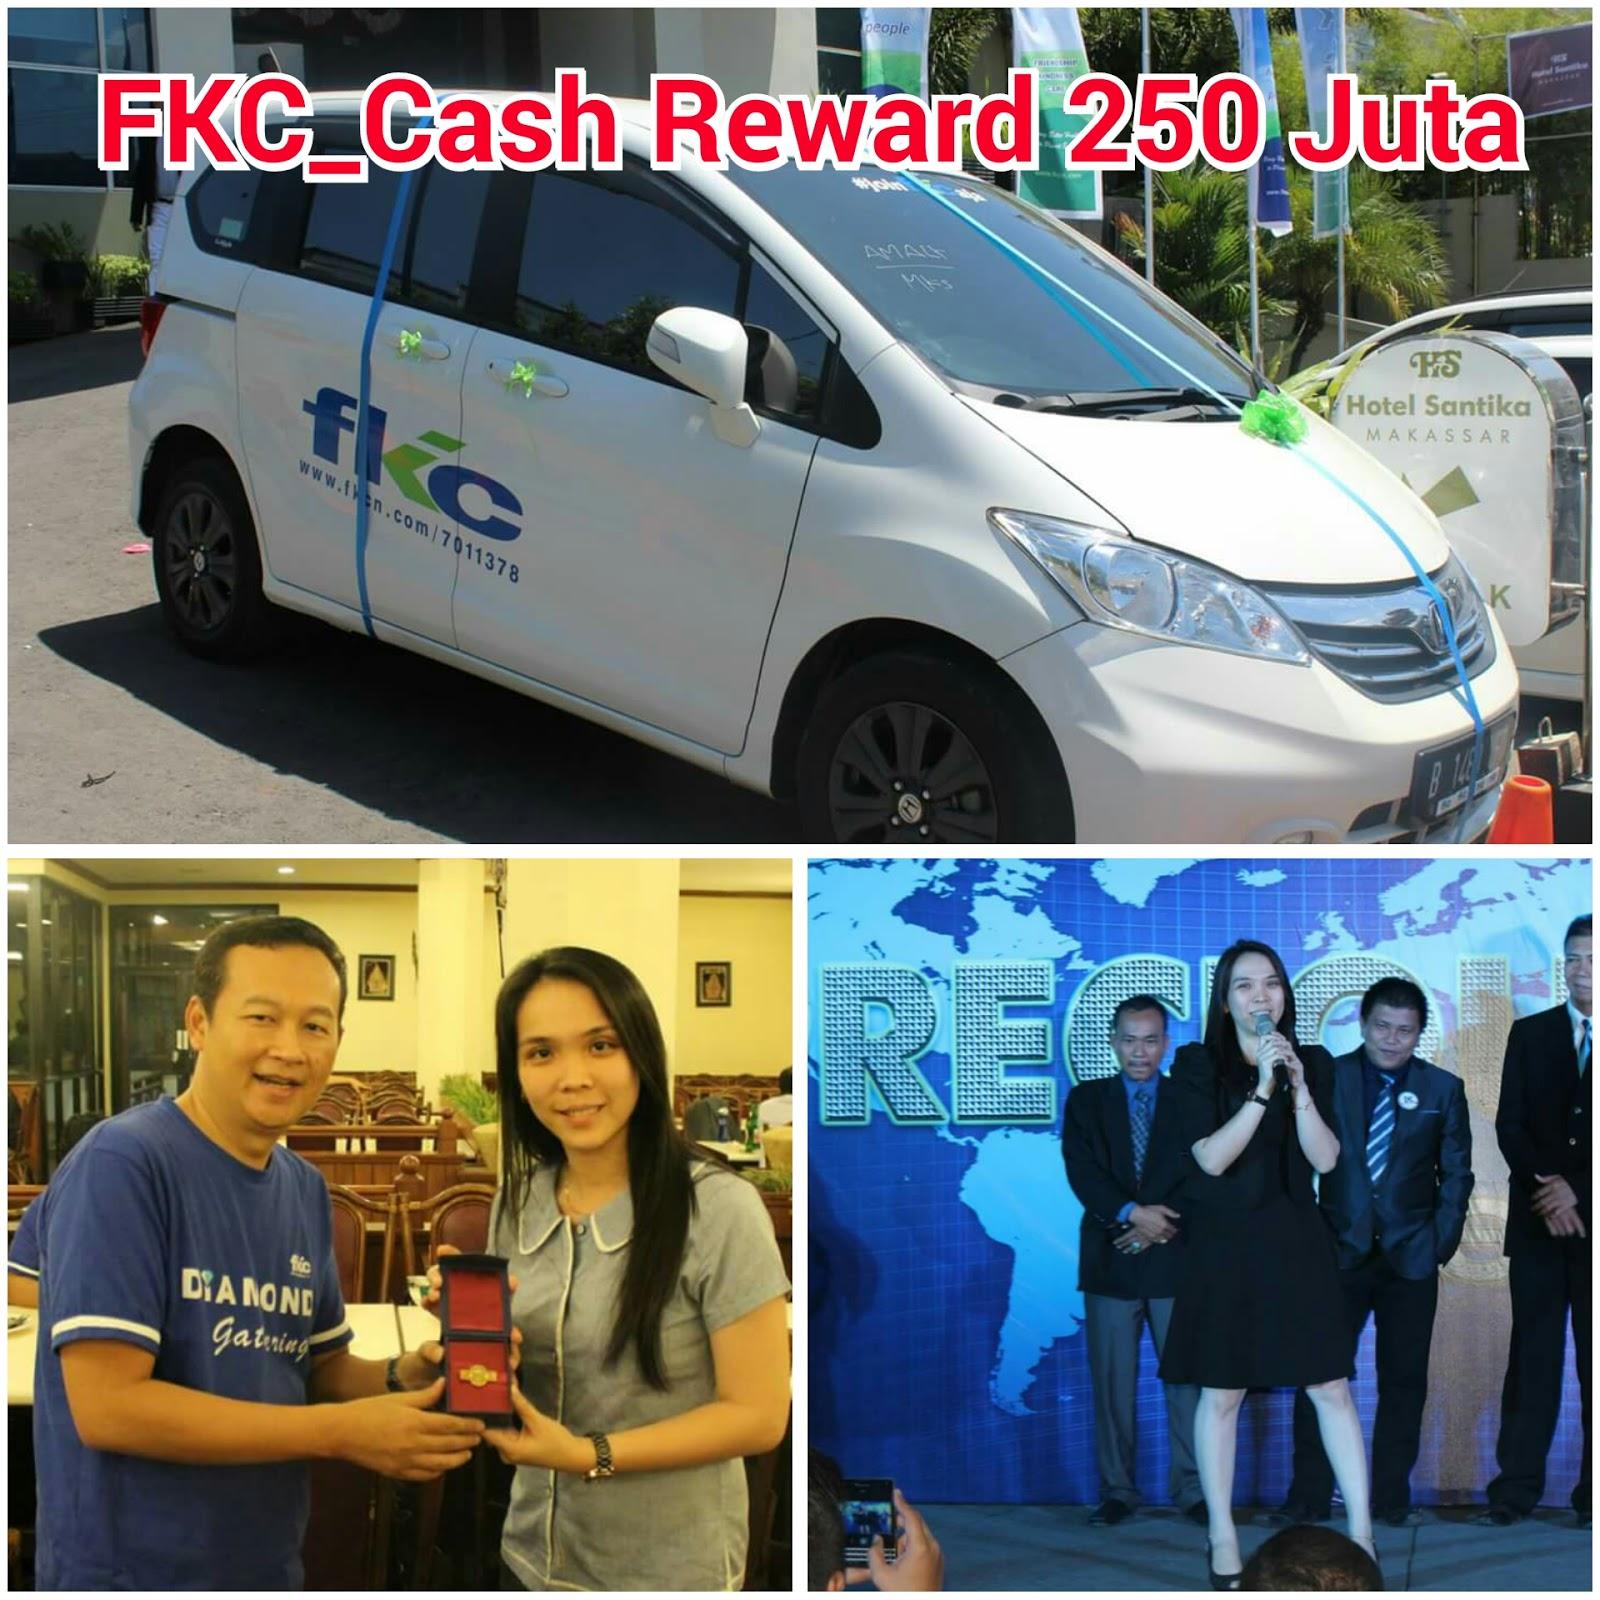 Bisnis Fkc Syariah - Reward Fkc Sylvia